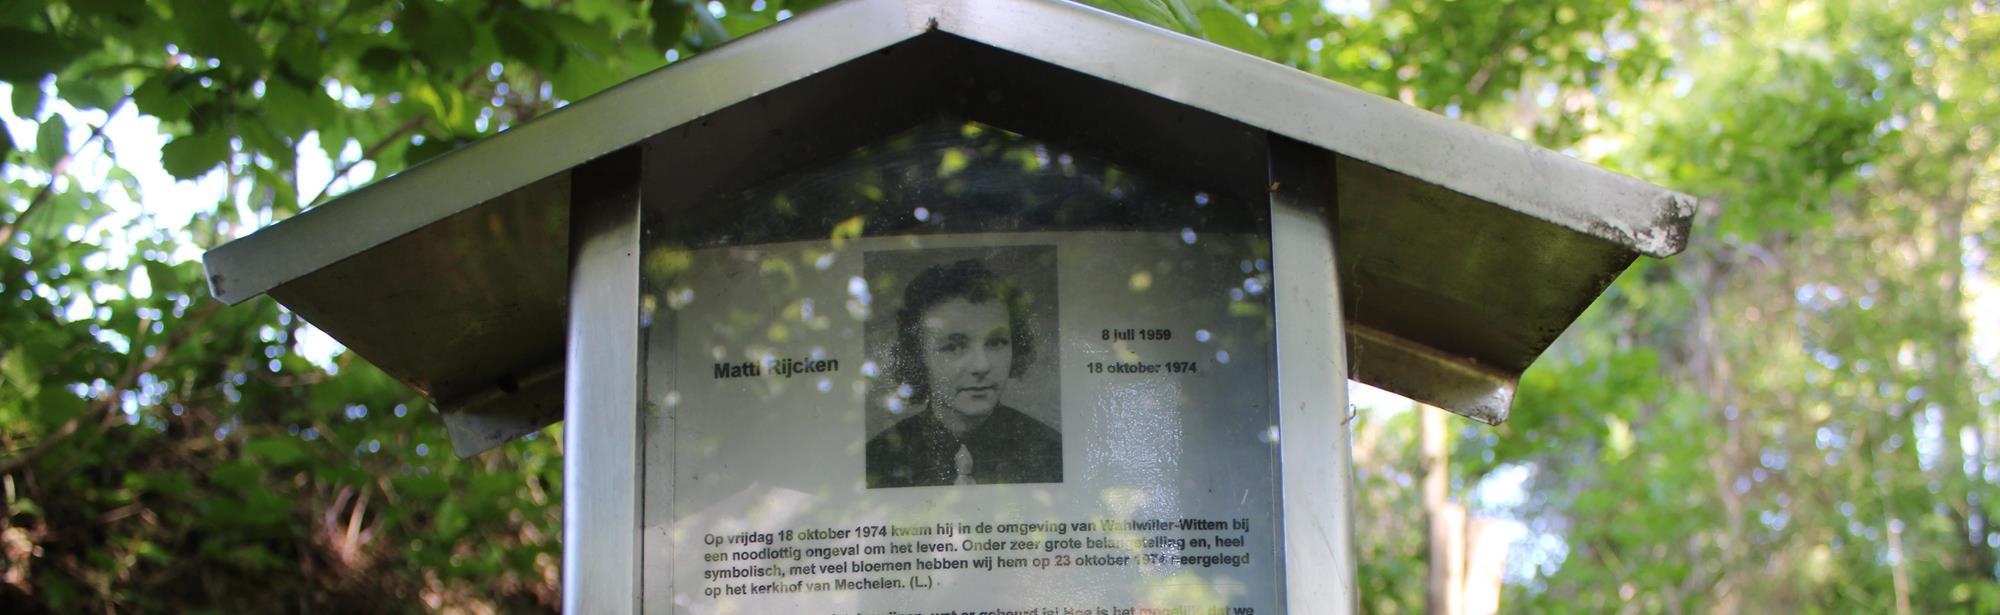 Monument Matty Rijcken